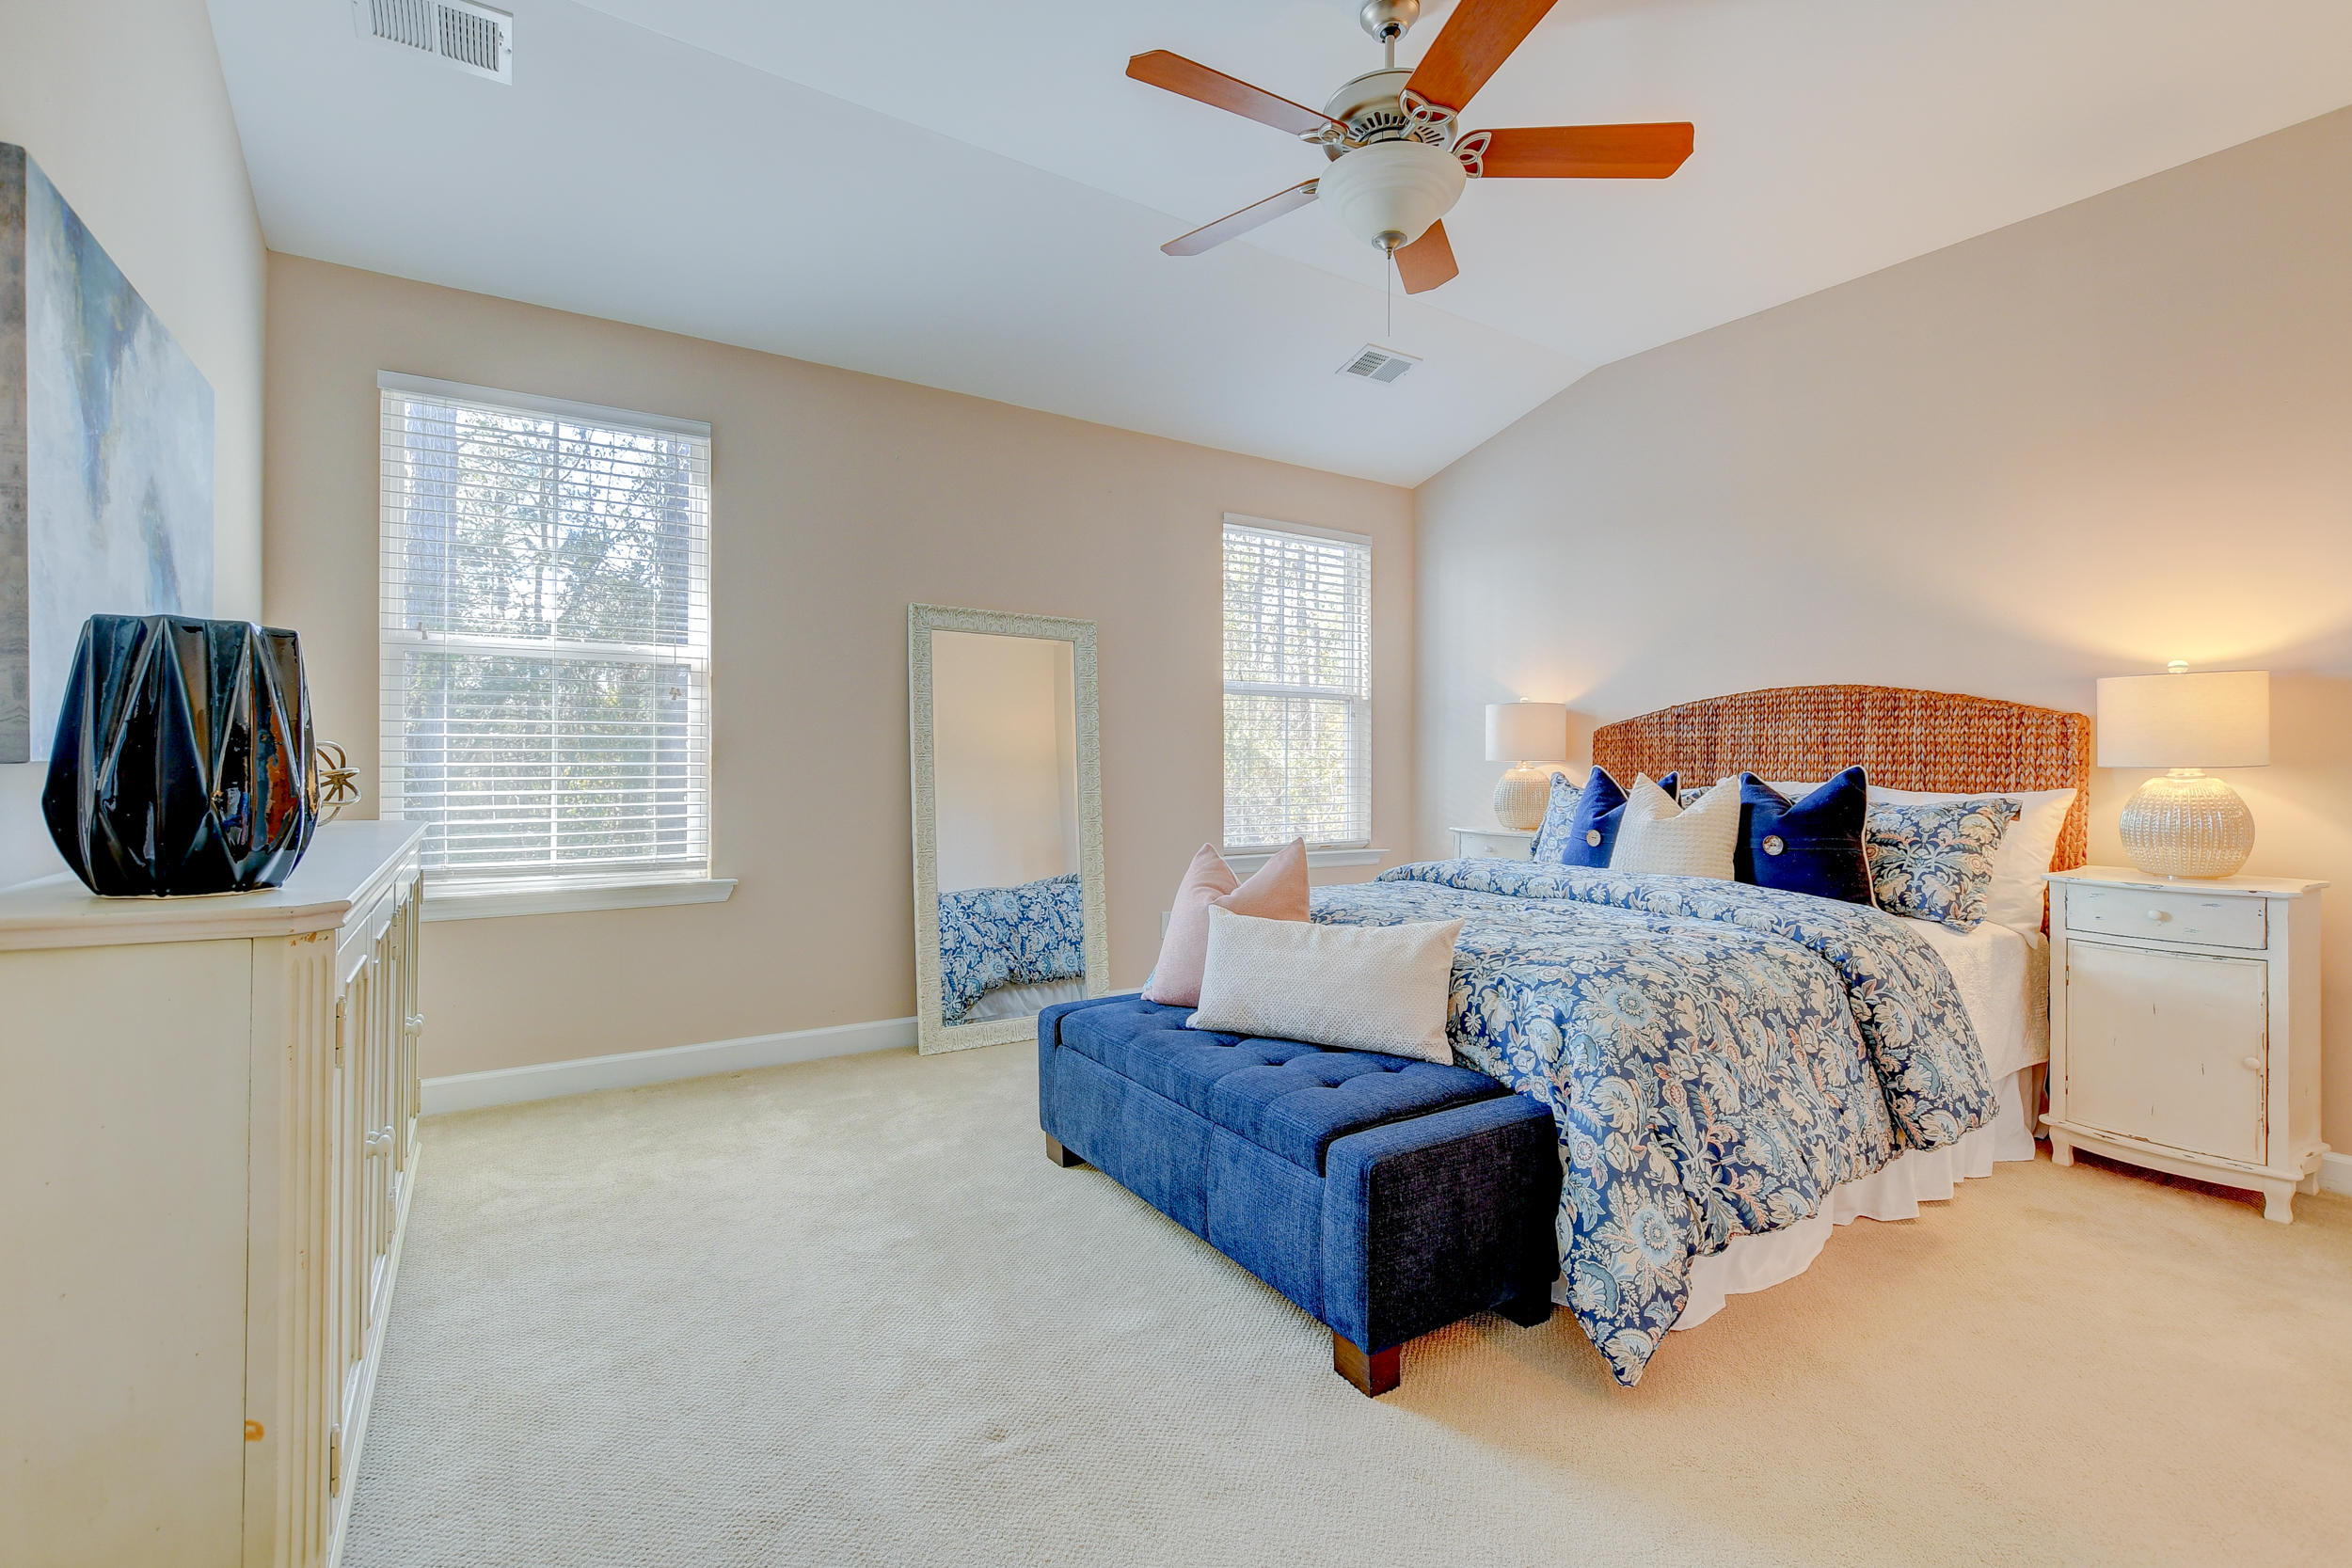 Dunes West Homes For Sale - 264 Fair Sailing, Mount Pleasant, SC - 14